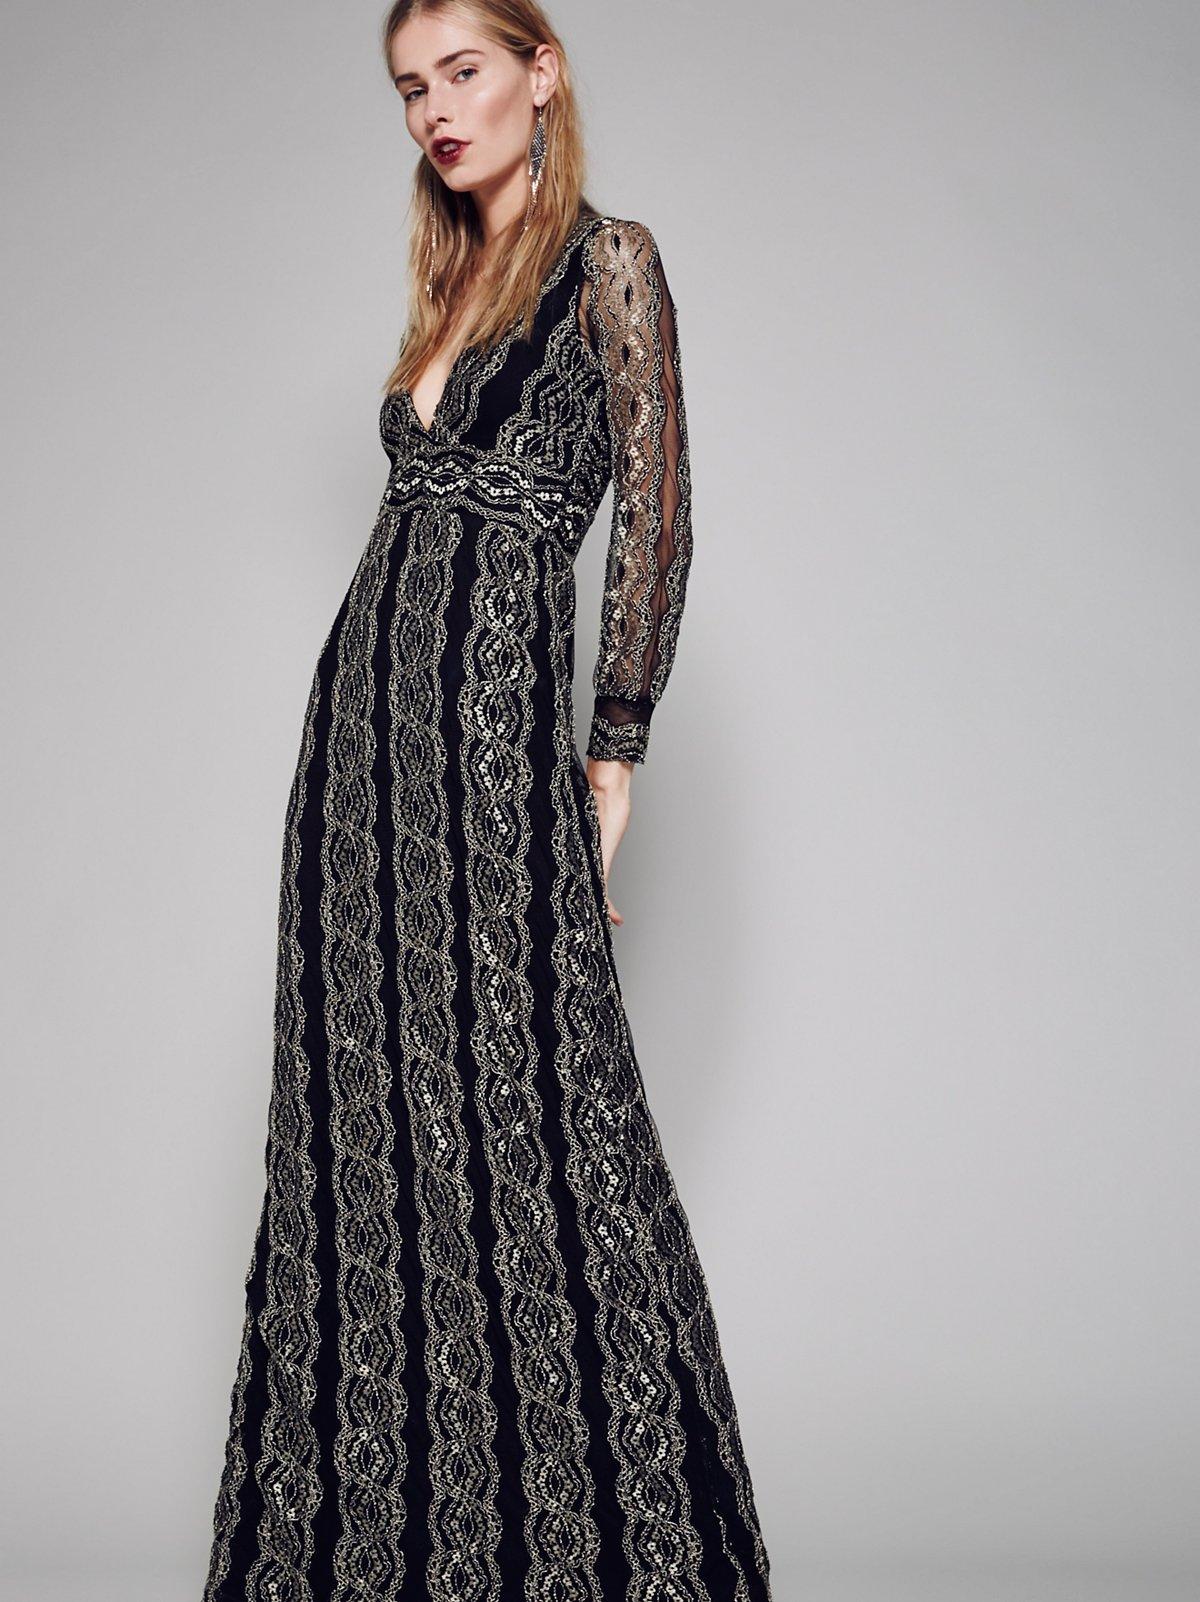 摩洛哥蕾丝礼服